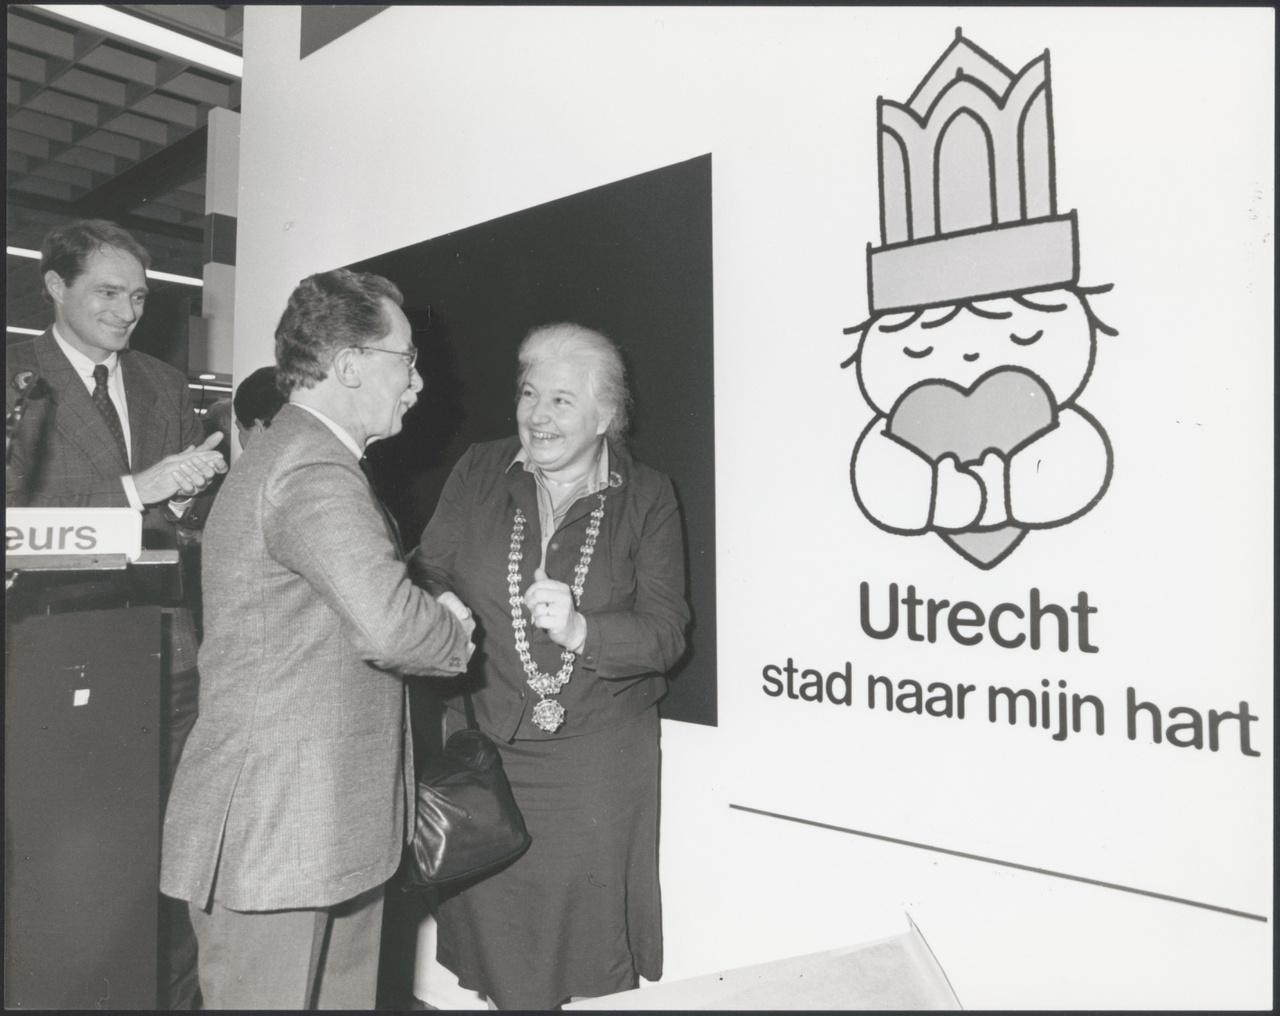 4/6 - Dick Bruna en burgemeester Vos-van Gortel op de opening van de vakantiebeurs 1986. Foto: Fotodienst van de Gemeente Utrecht. © Mercis Publishing / Centraal Museum Utrecht.